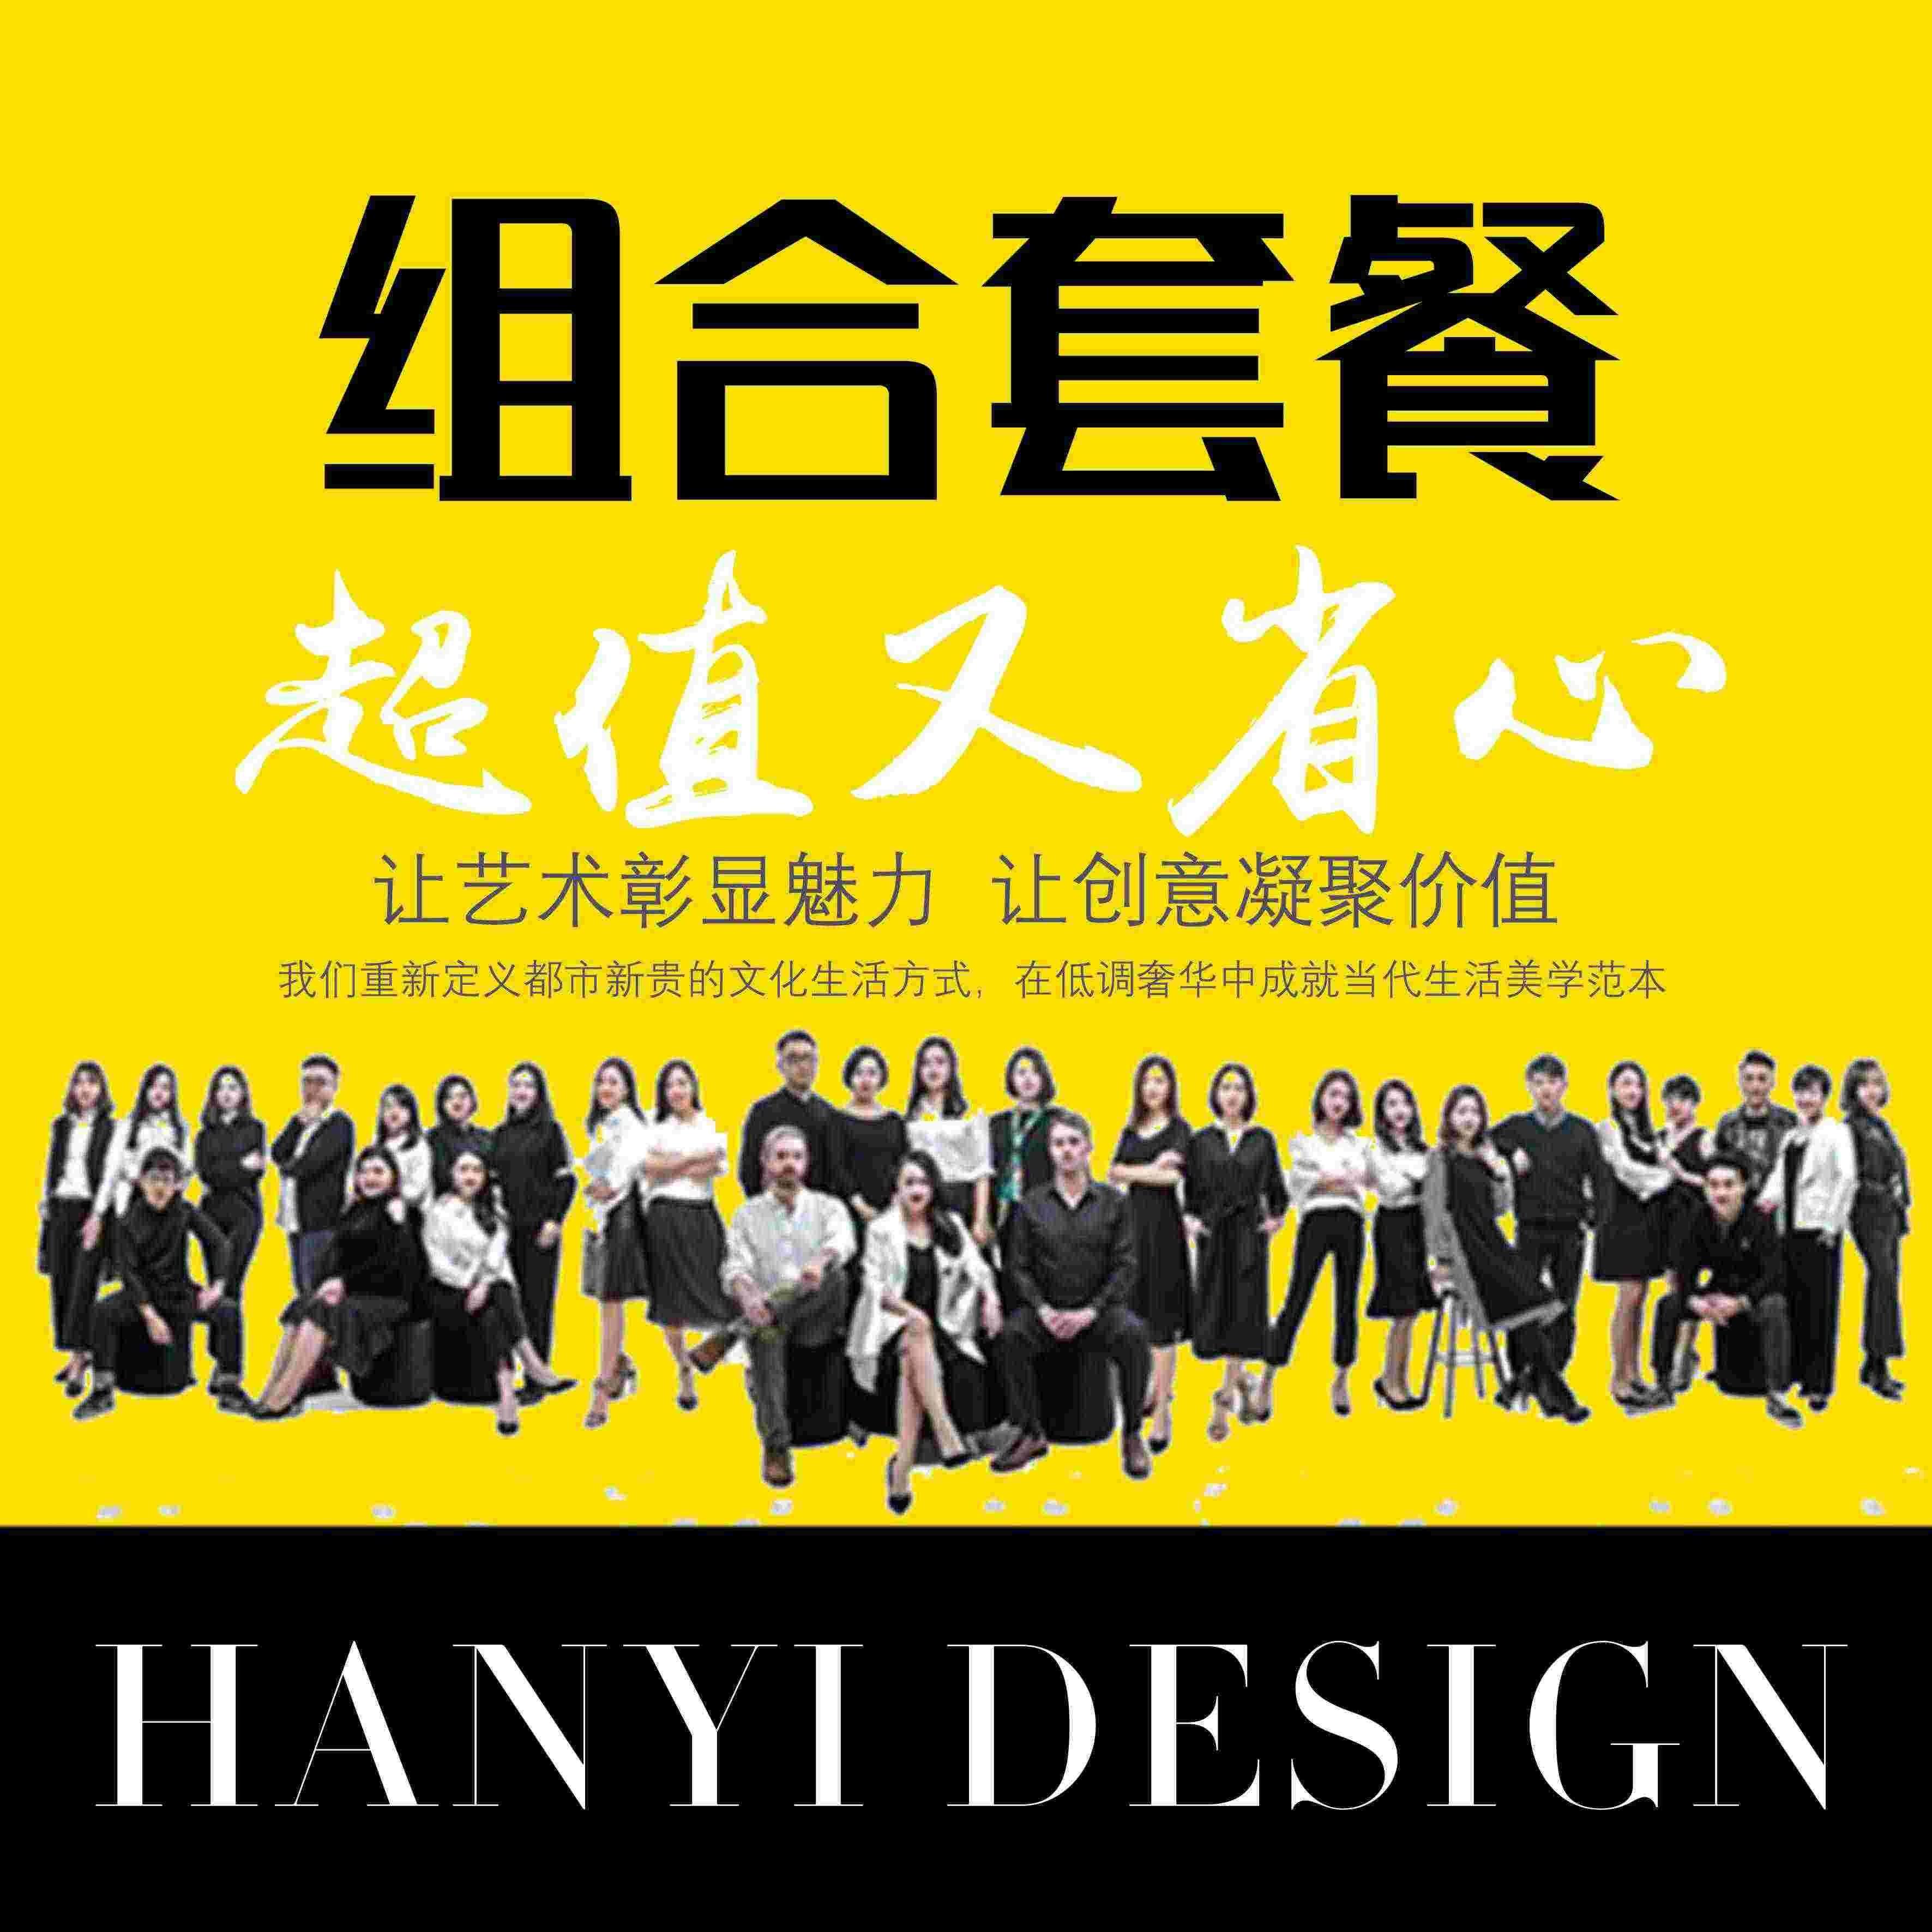 【爆款打造超值套餐】LOGO设计&包装设计&新品上市海报